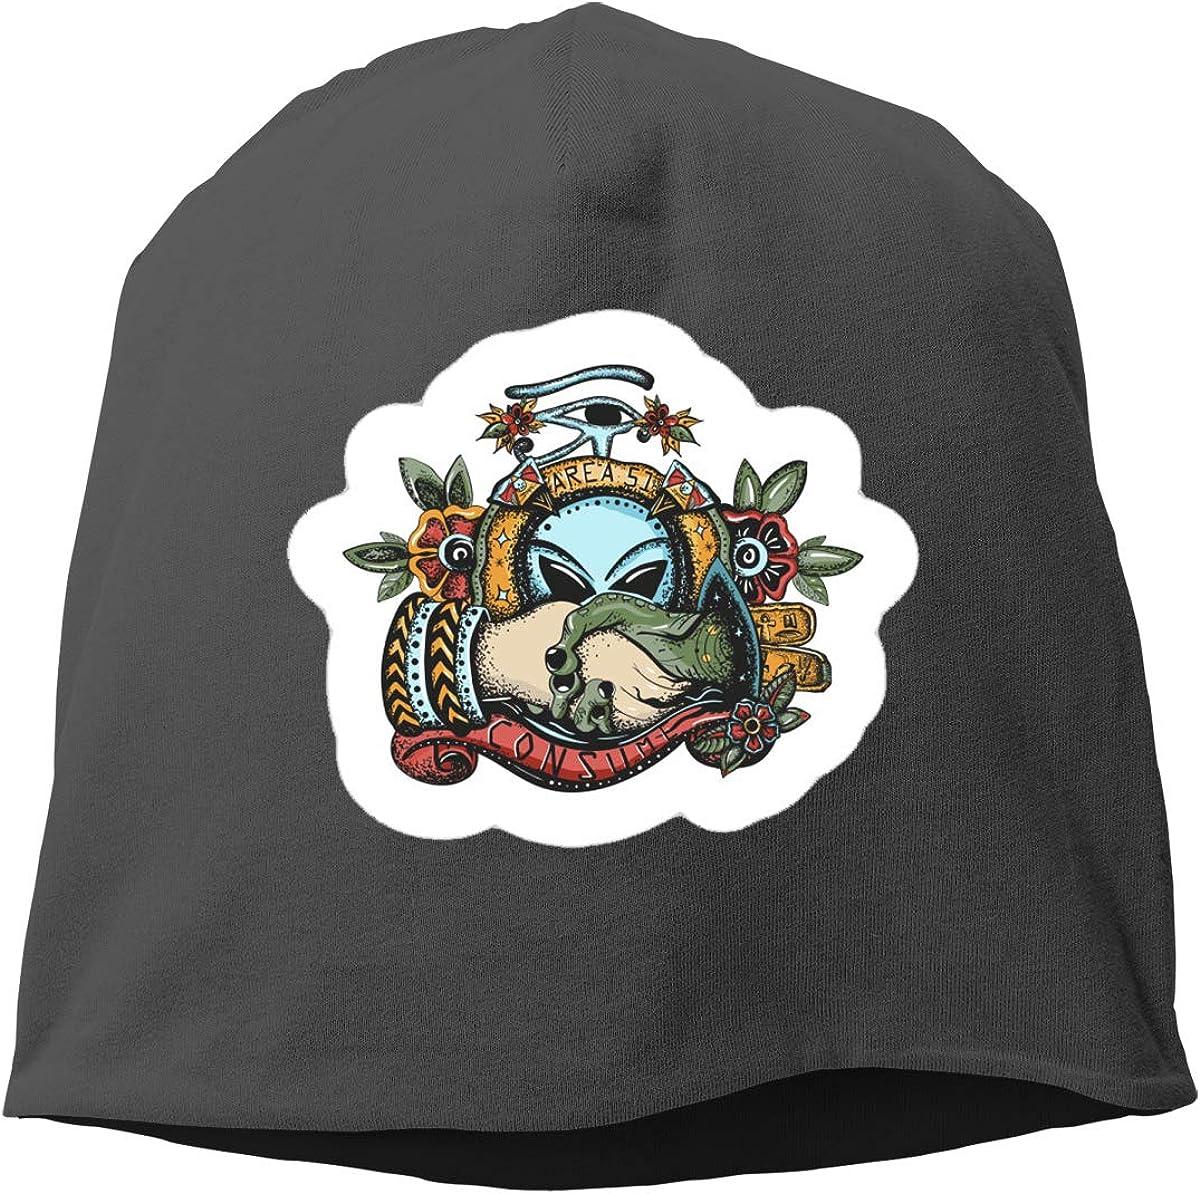 Storm Area 51 Skull Cap Helmet Liner Beanie Cap for Men Hip Hop Hedging Head Hat